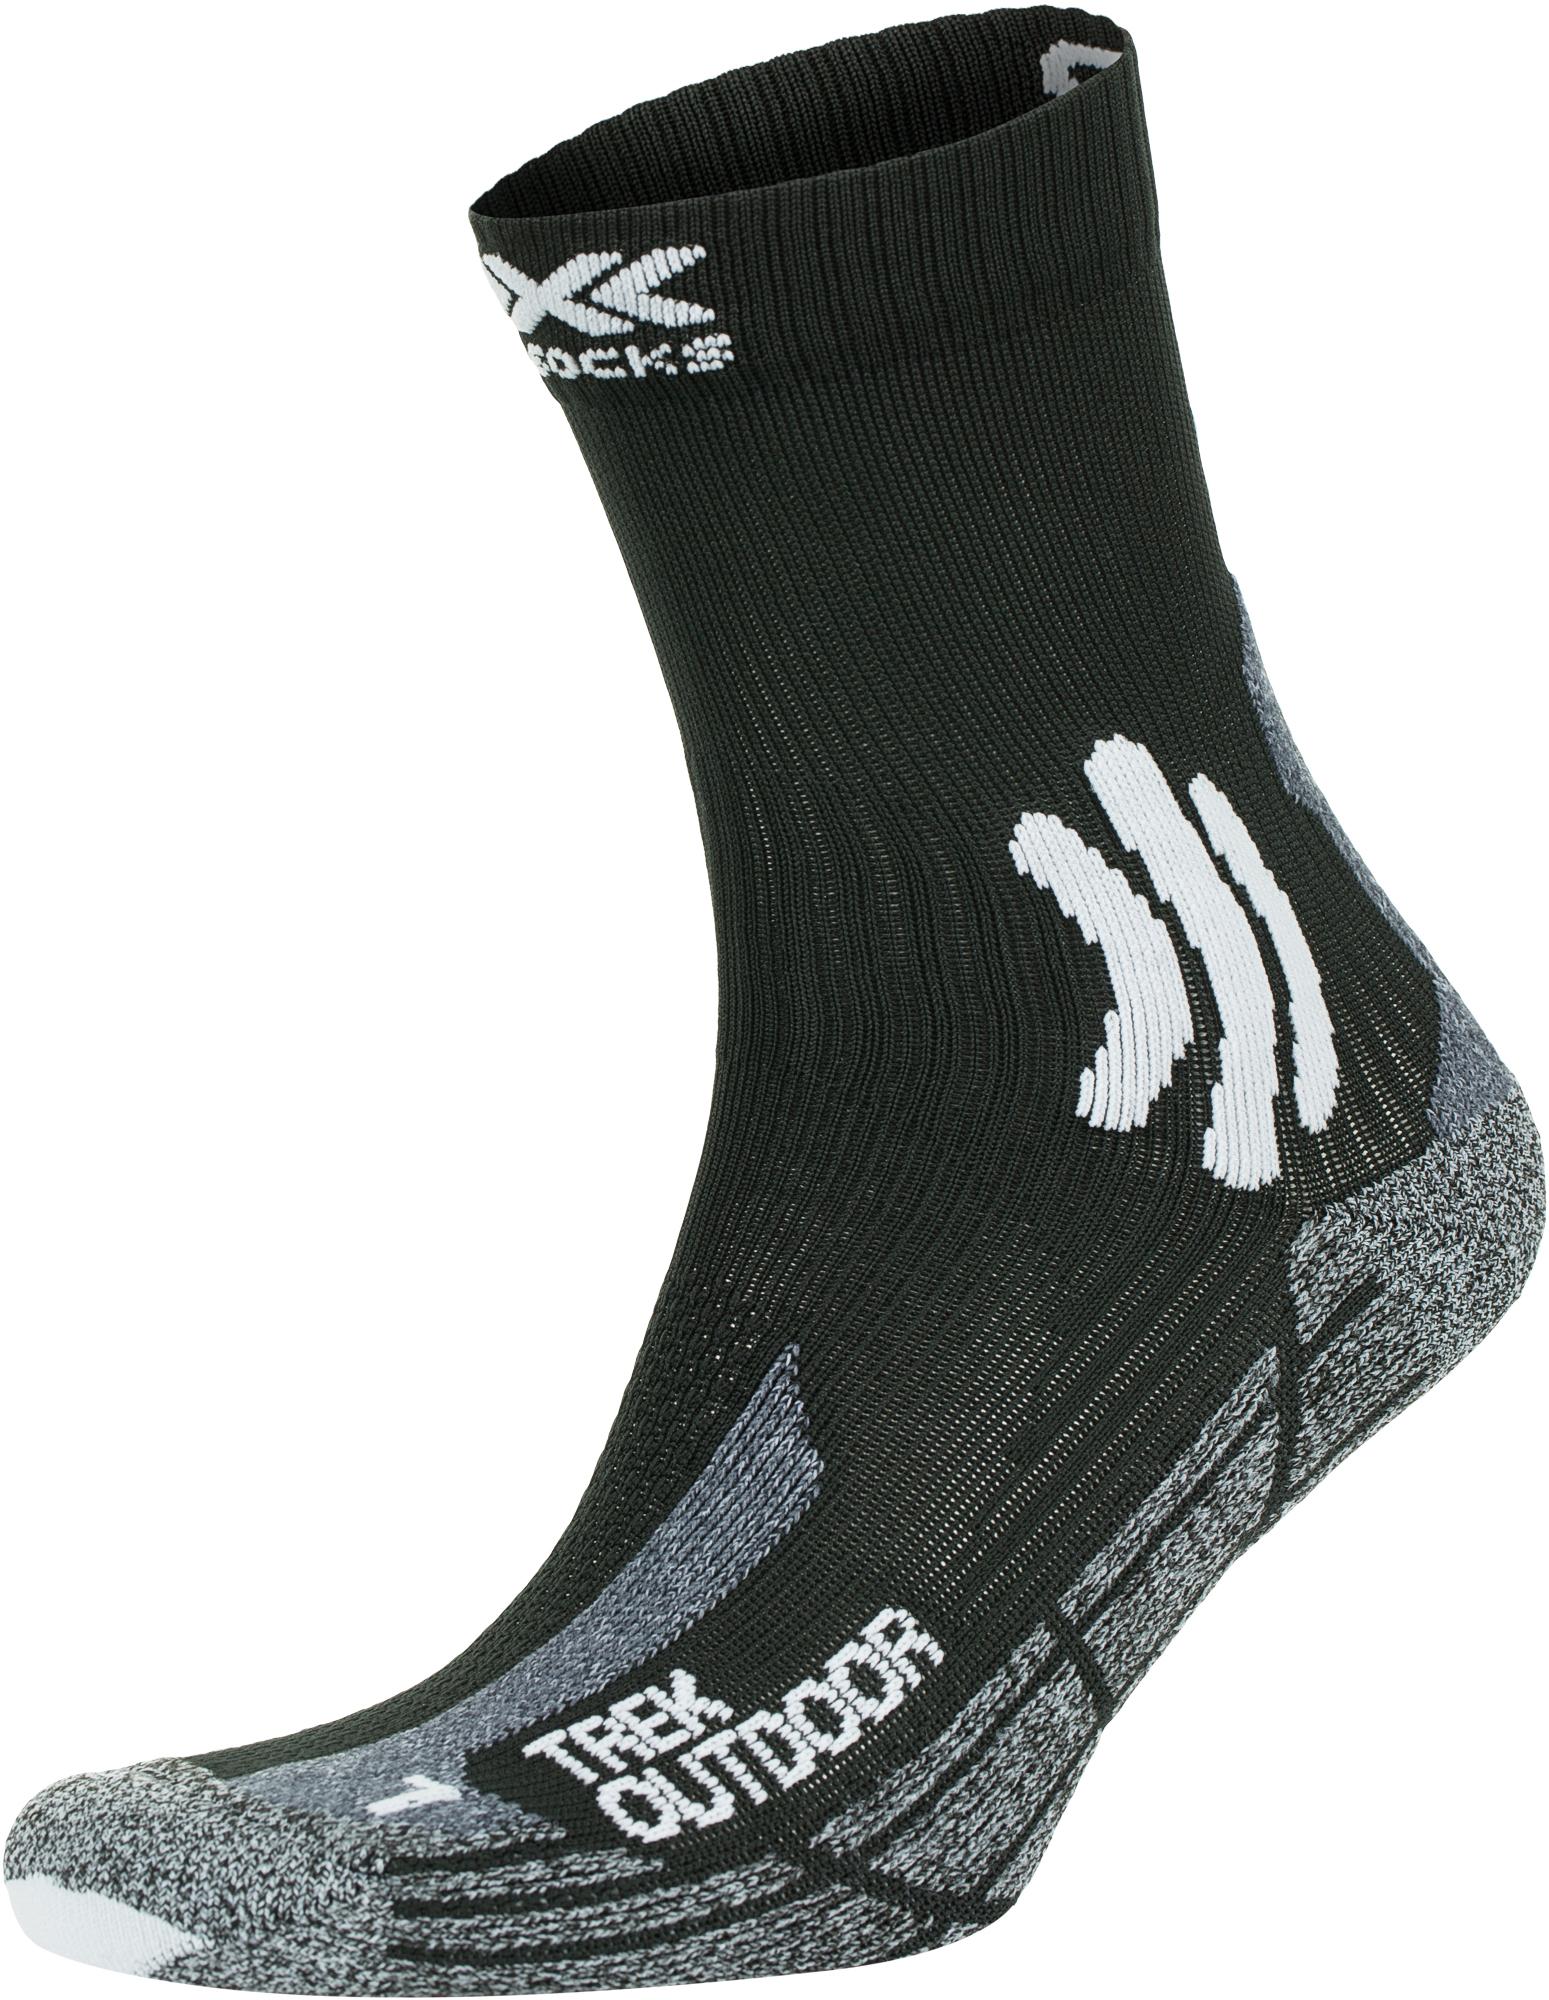 цена на X-Socks Носки X-Socks Trek Outdoor, размер 45-47